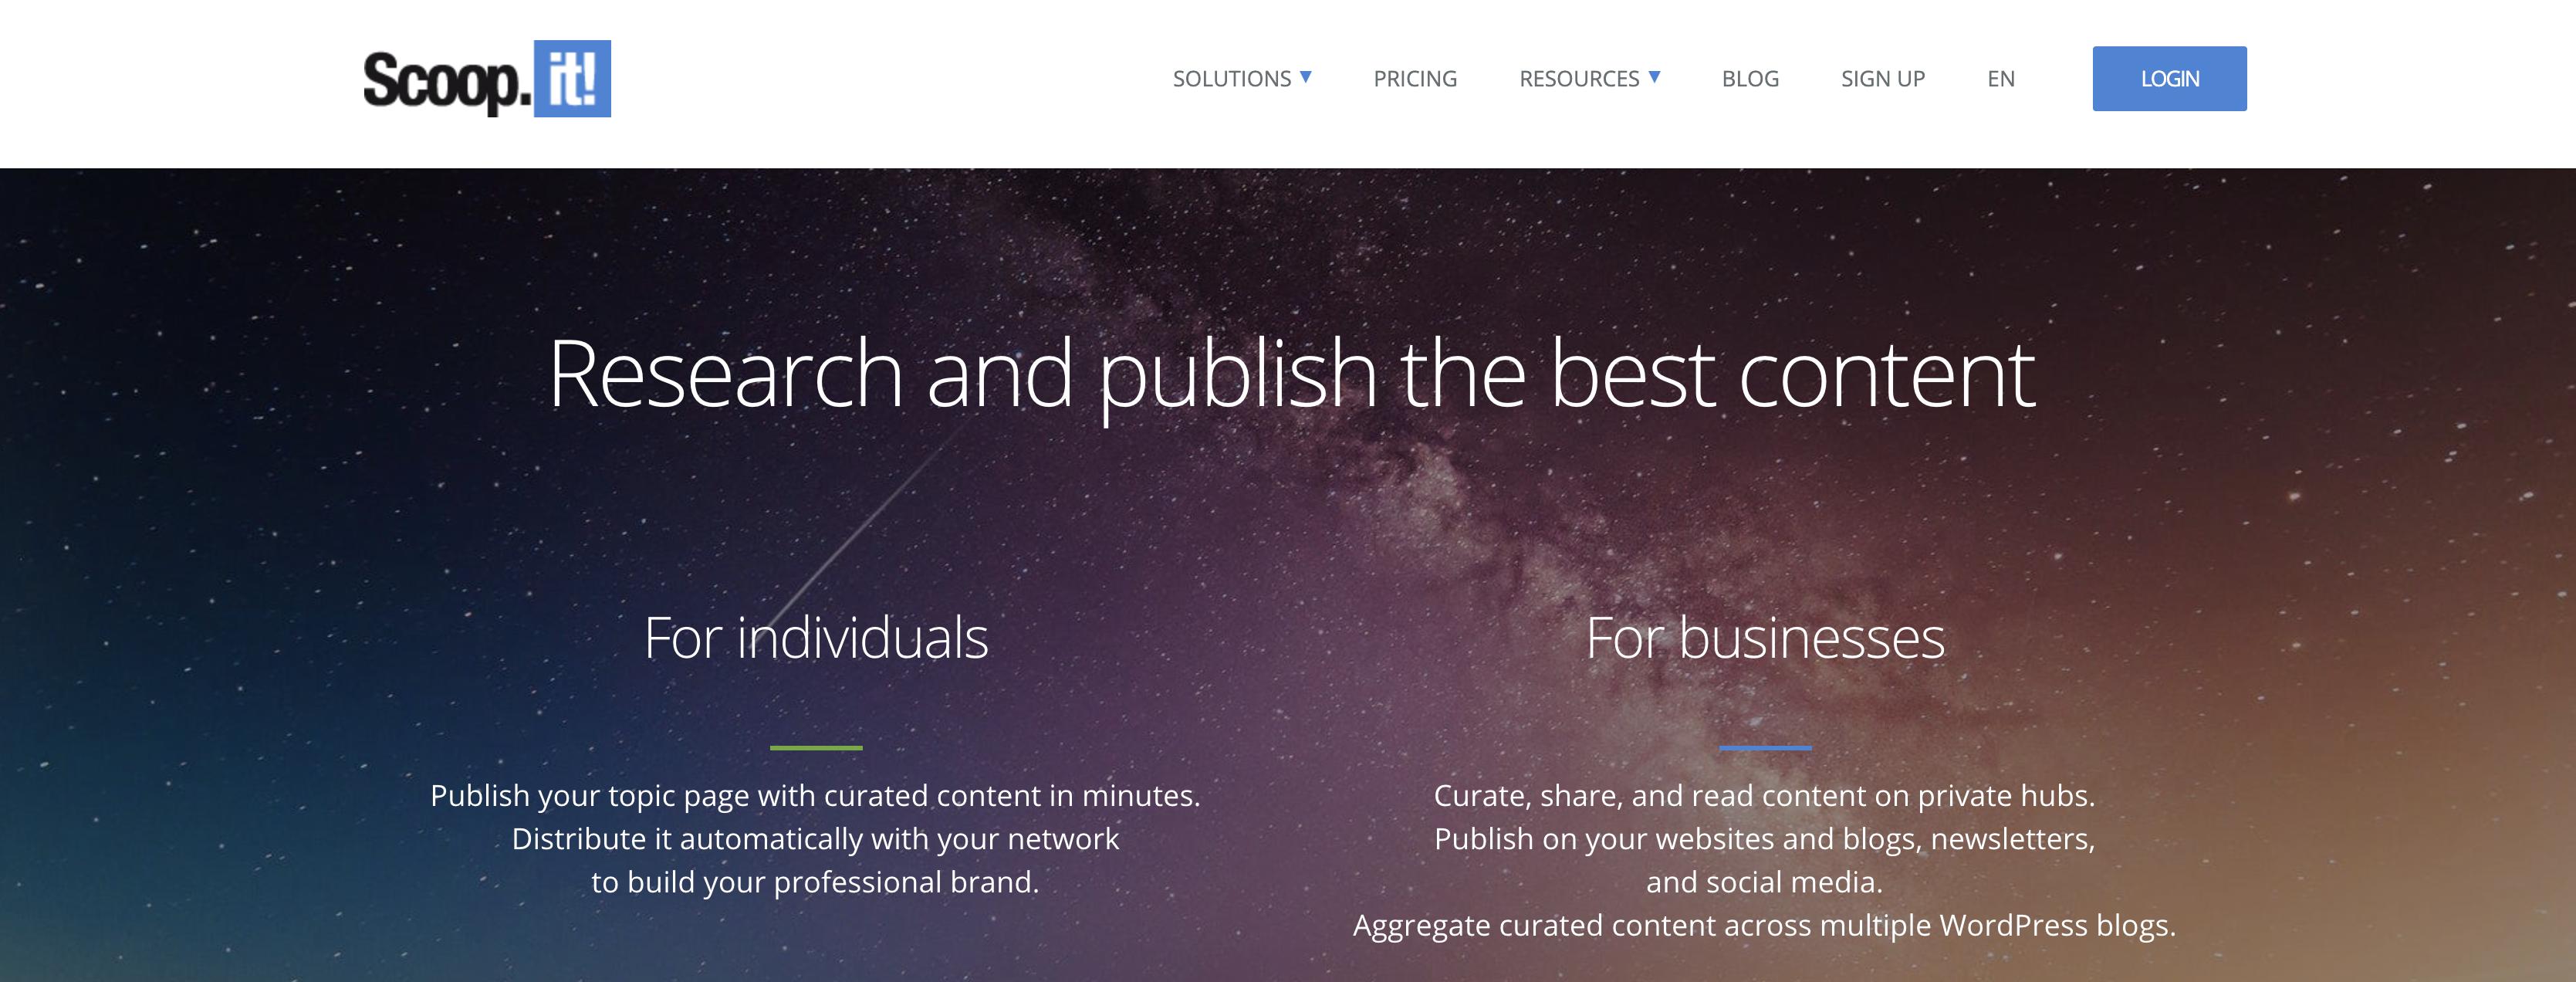 Scoop.it homepage screenshot